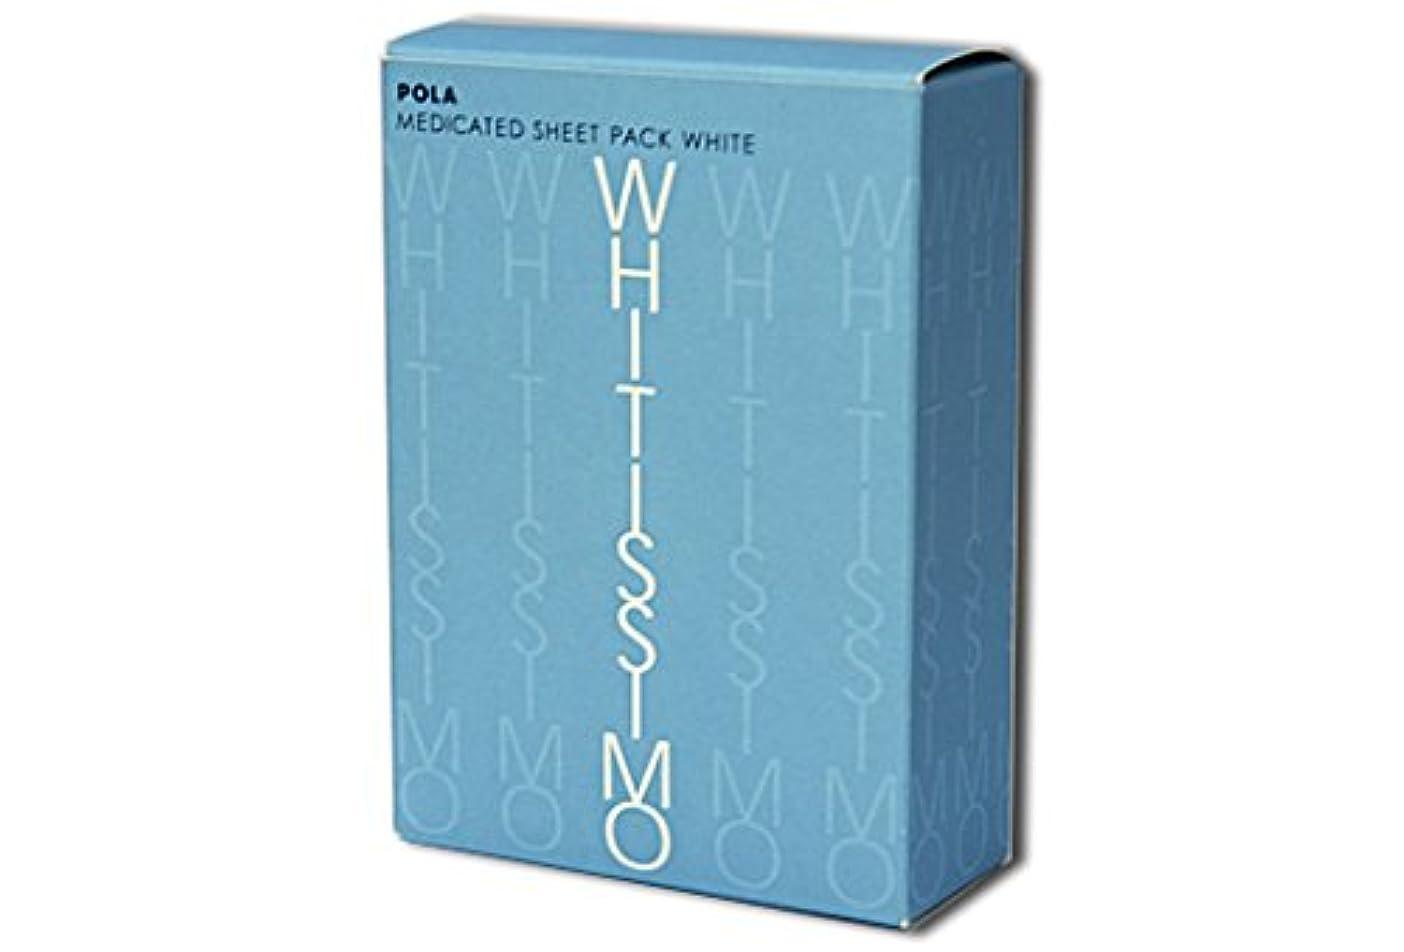 最大の正確な落胆するPOLA / ポーラ ホワイティシモ 薬用シート パック ホワイト 30セット